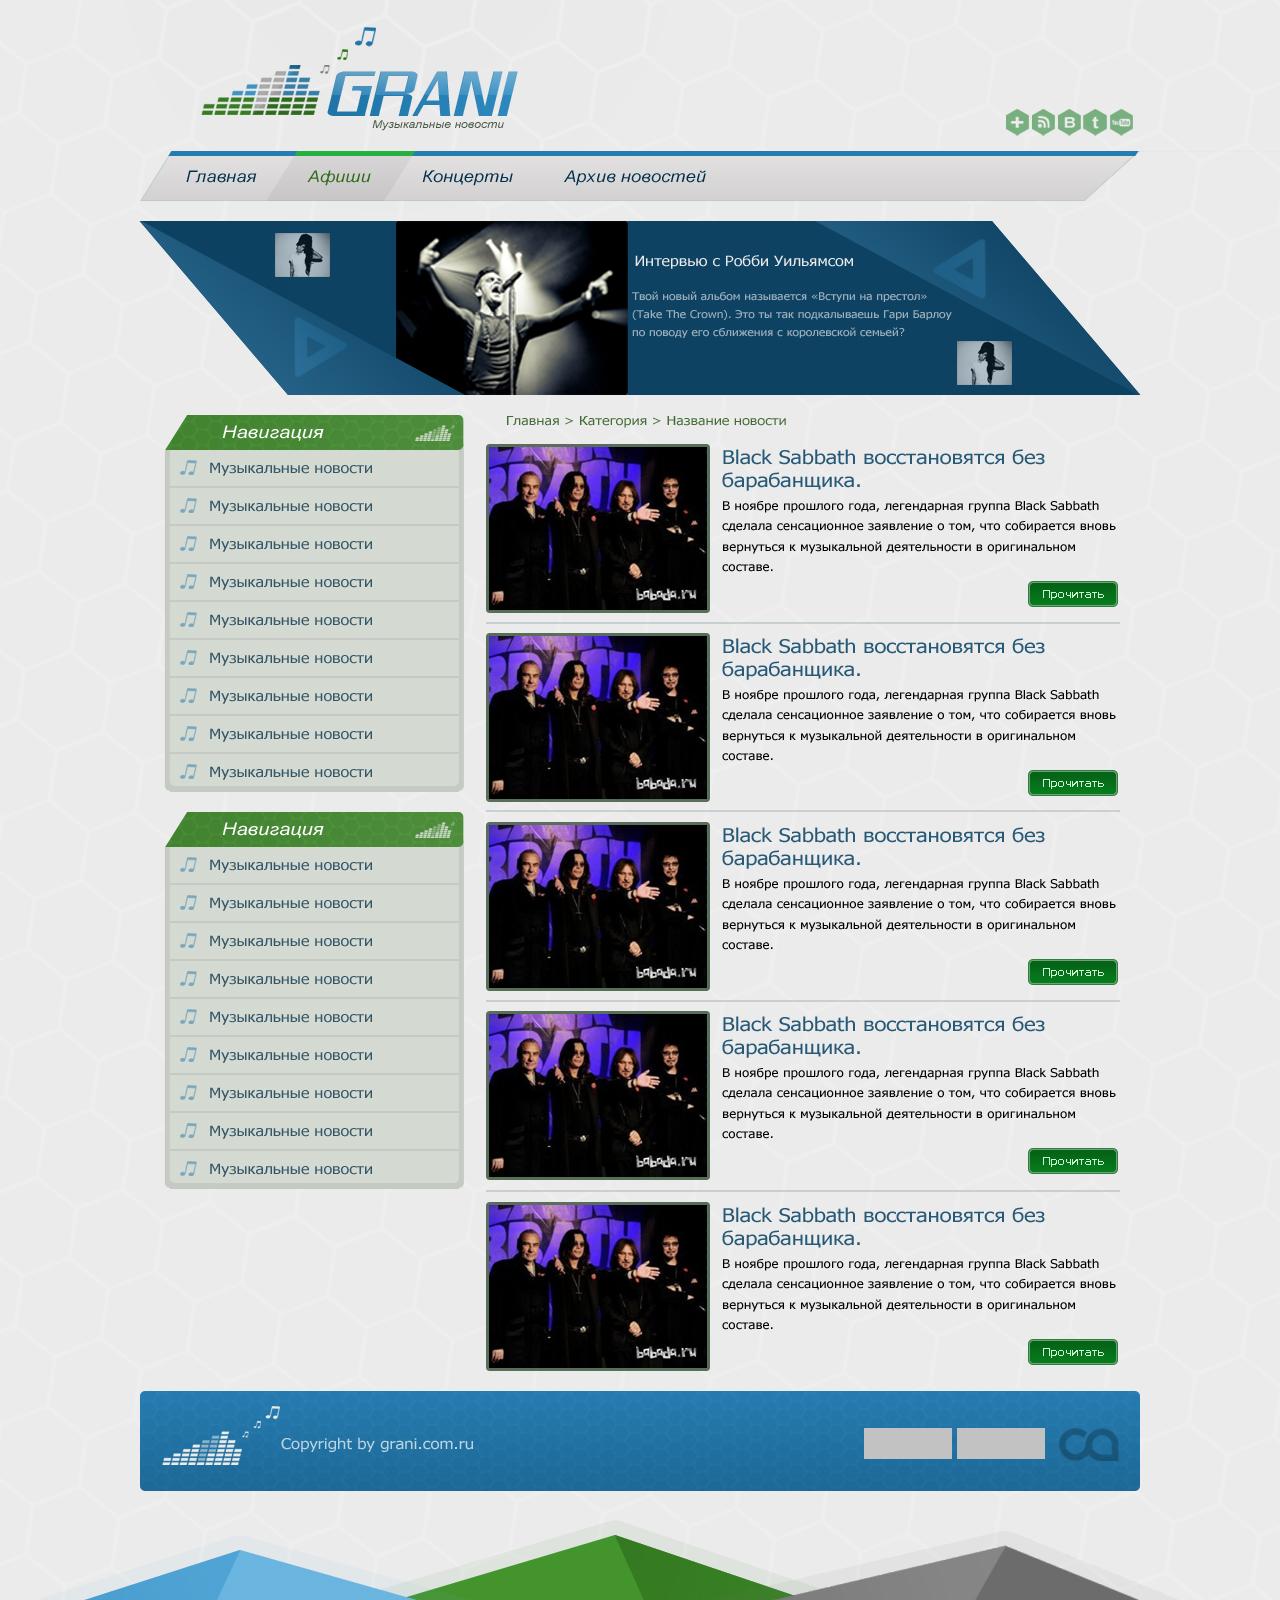 Дизайн сайта GRANI (PSD макет) купить